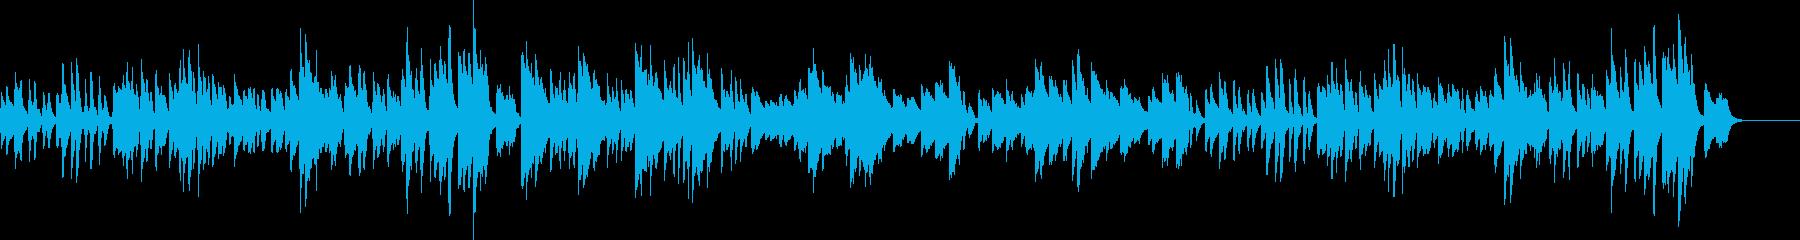 ベートーベンの月光#2の再生済みの波形